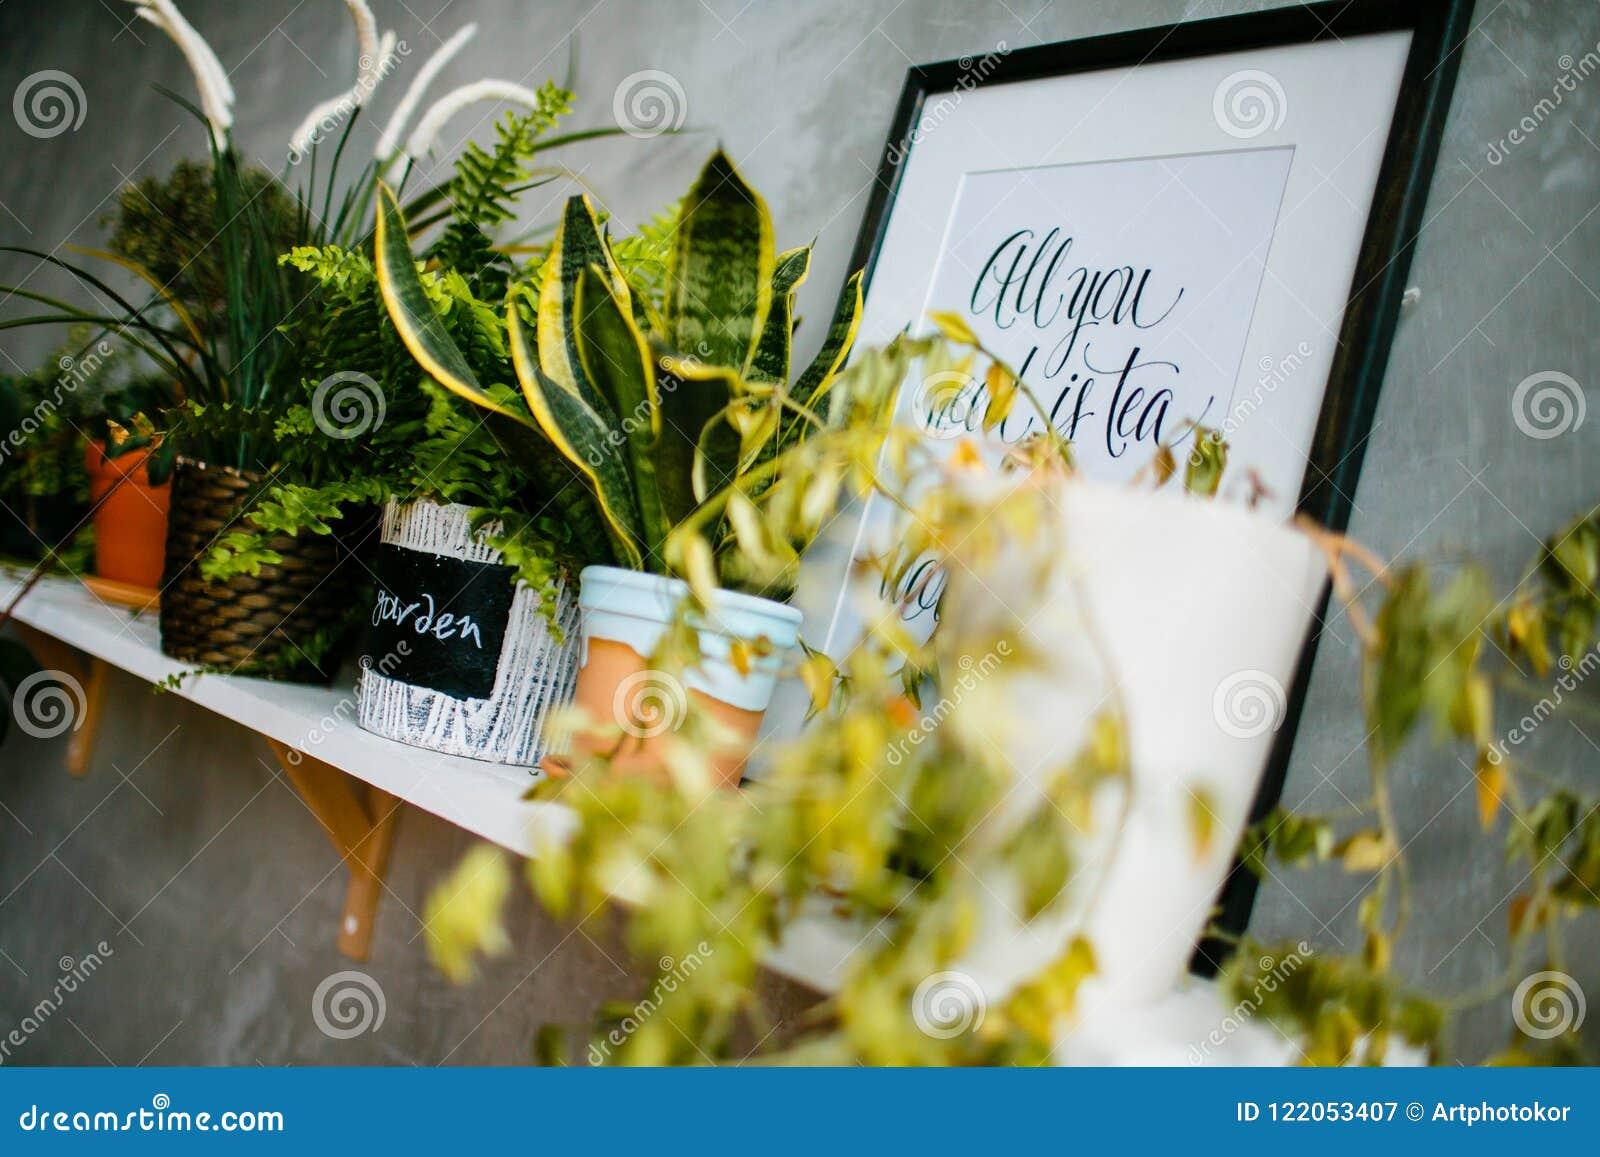 Υπόλοιπος κόσμος των houseplants στα δοχεία λουλουδιών στο ξύλινο ράφι